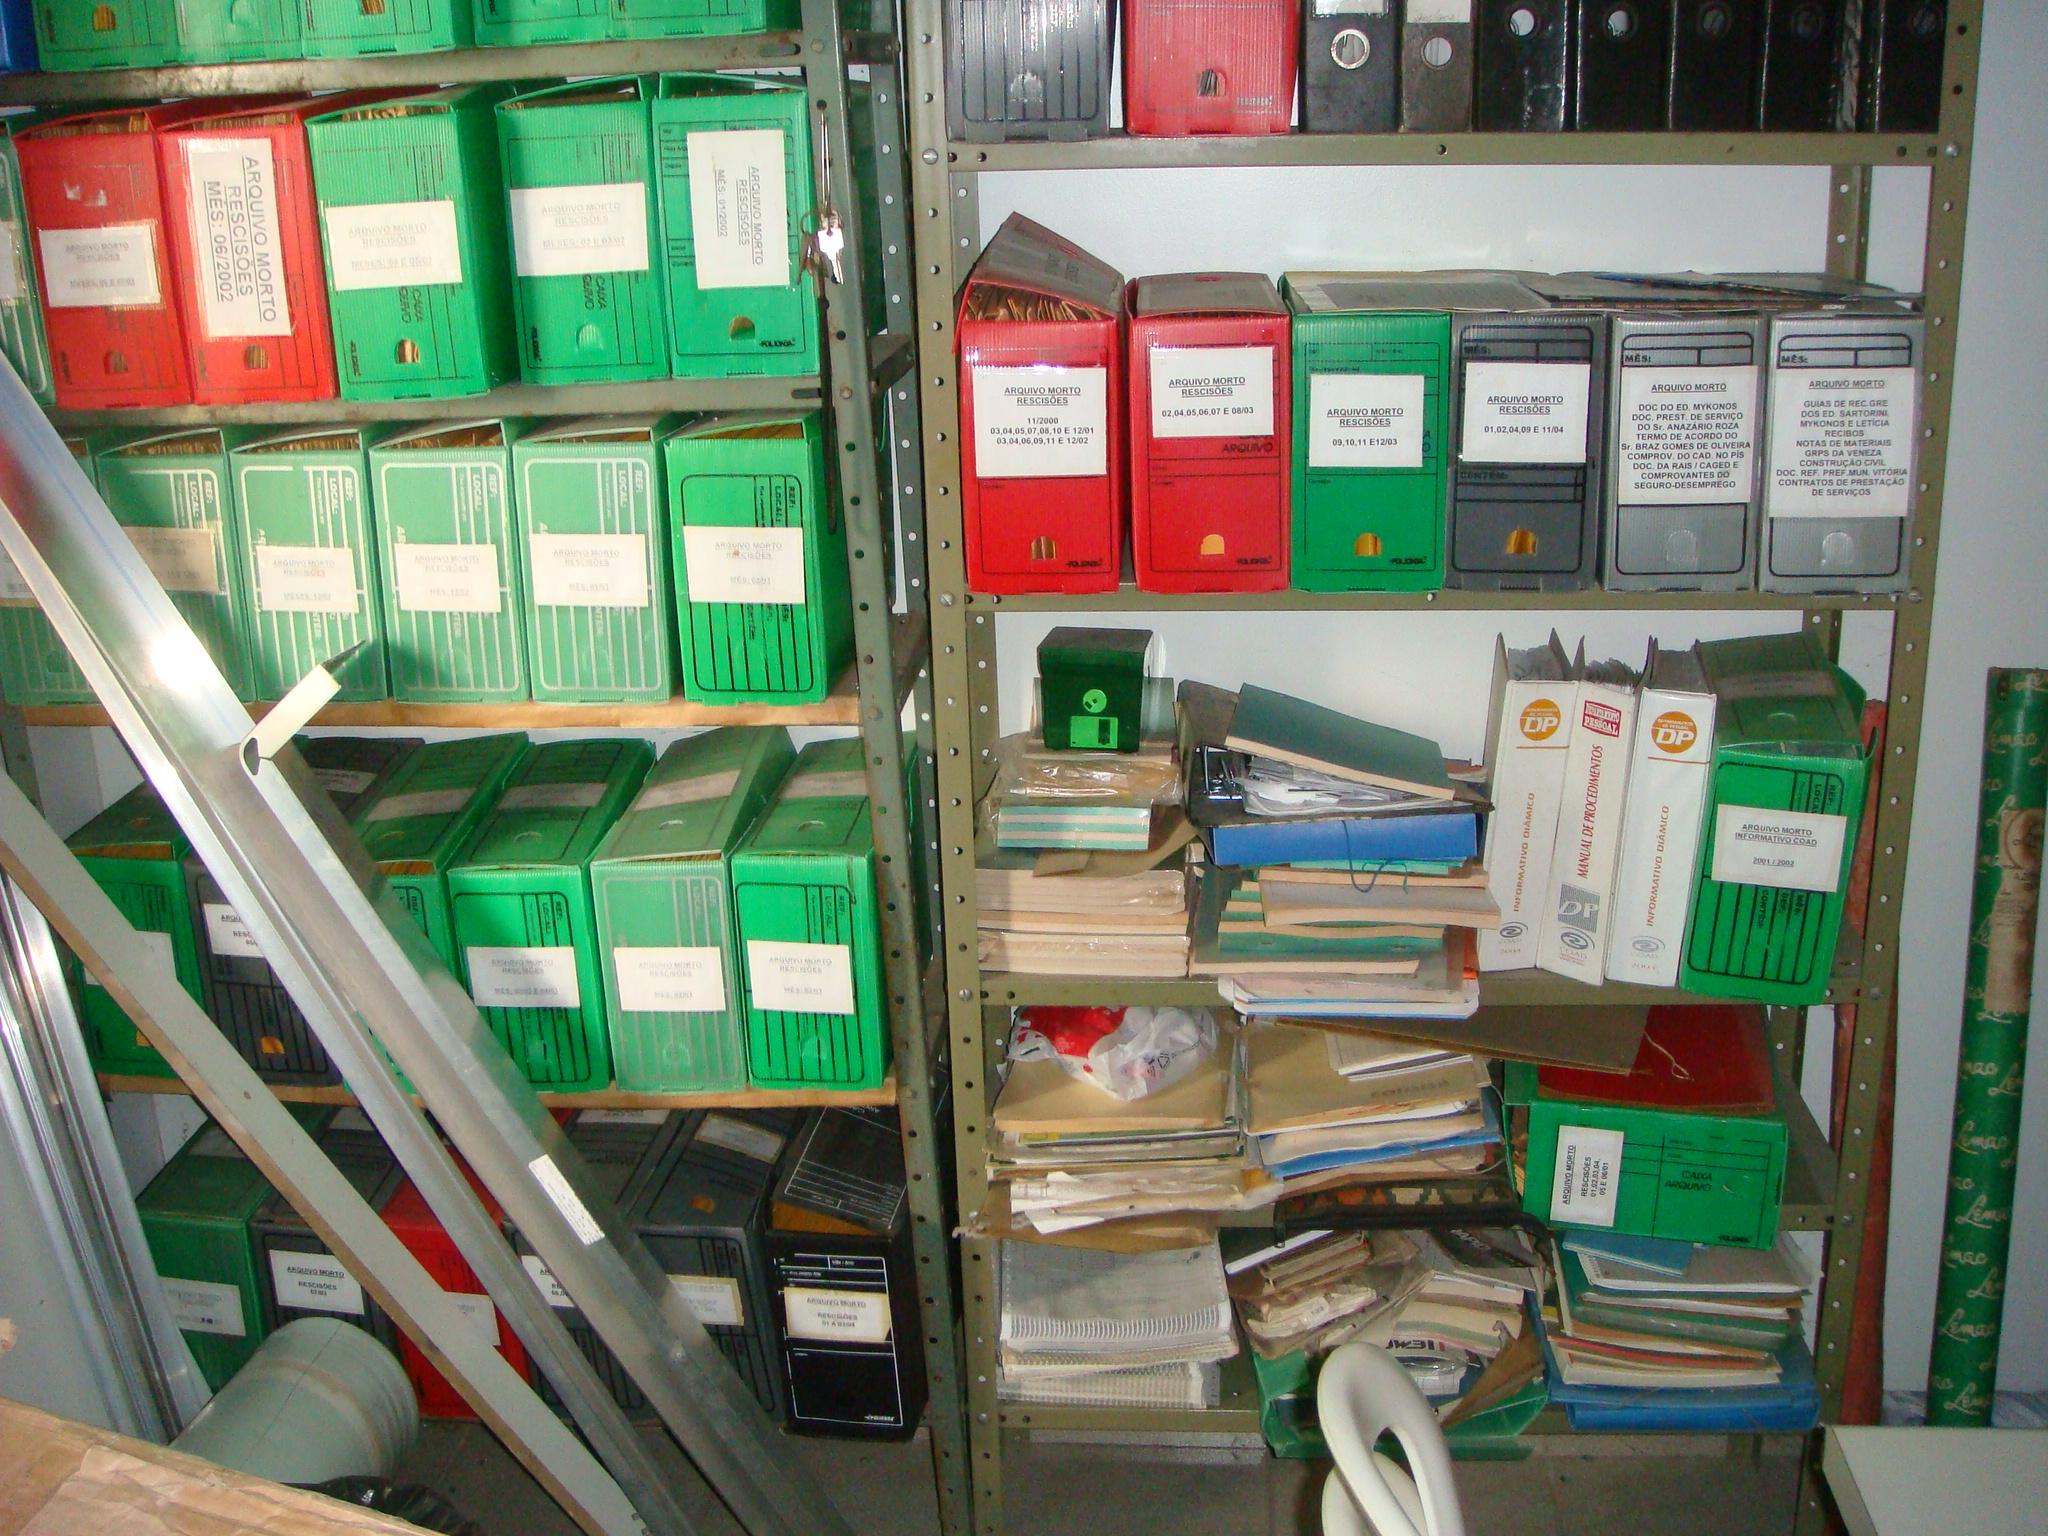 Arquivo Morto: Indefinição gerando desperdício de espaço e perda de informação